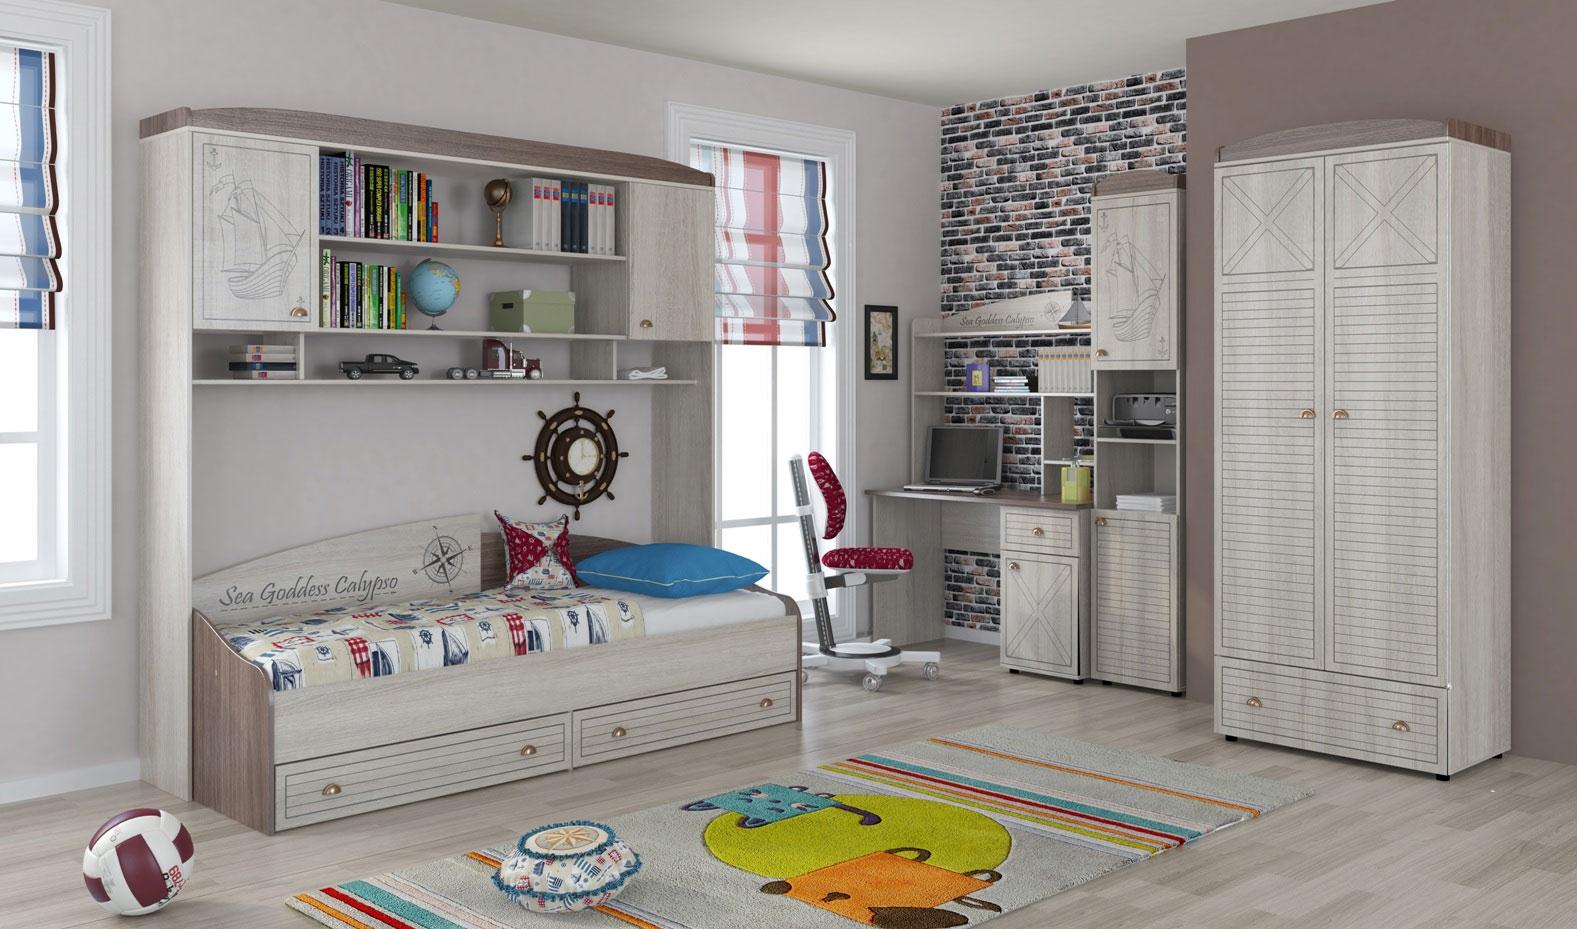 Модульная детская калипсо (композиция 1) - московский дом ме.